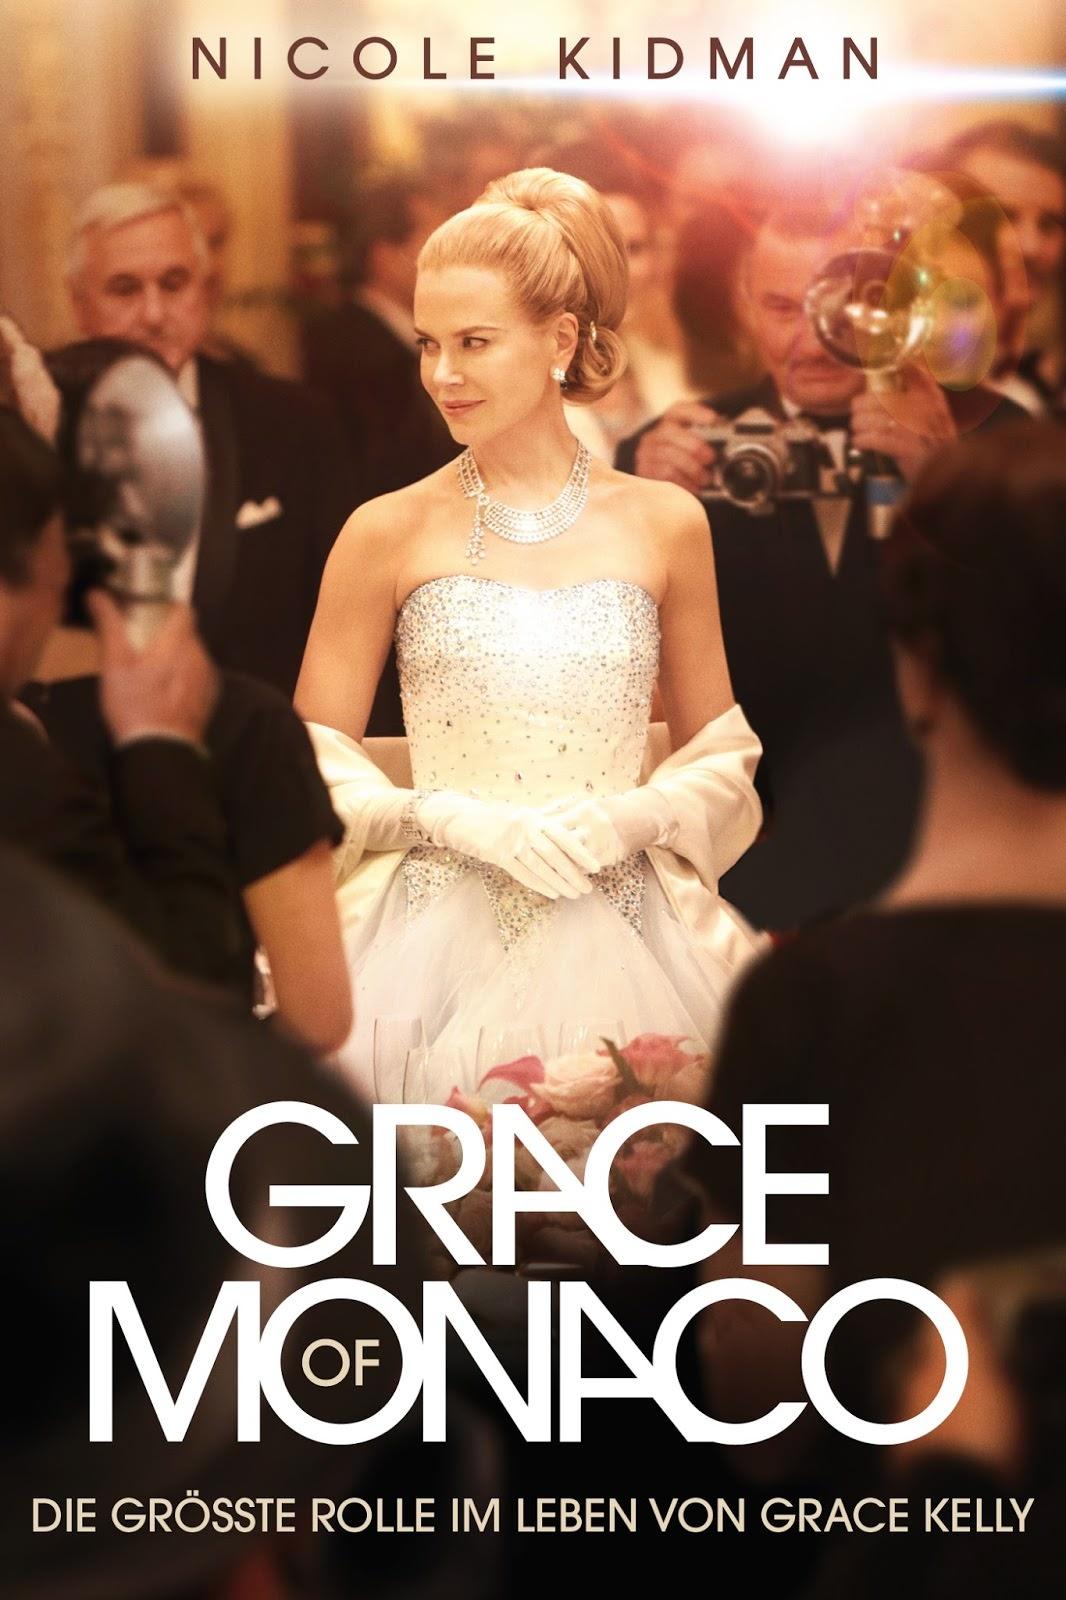 GRACE OF MONACO - เกรซ ออฟ โมนาโก (2014) - Cover